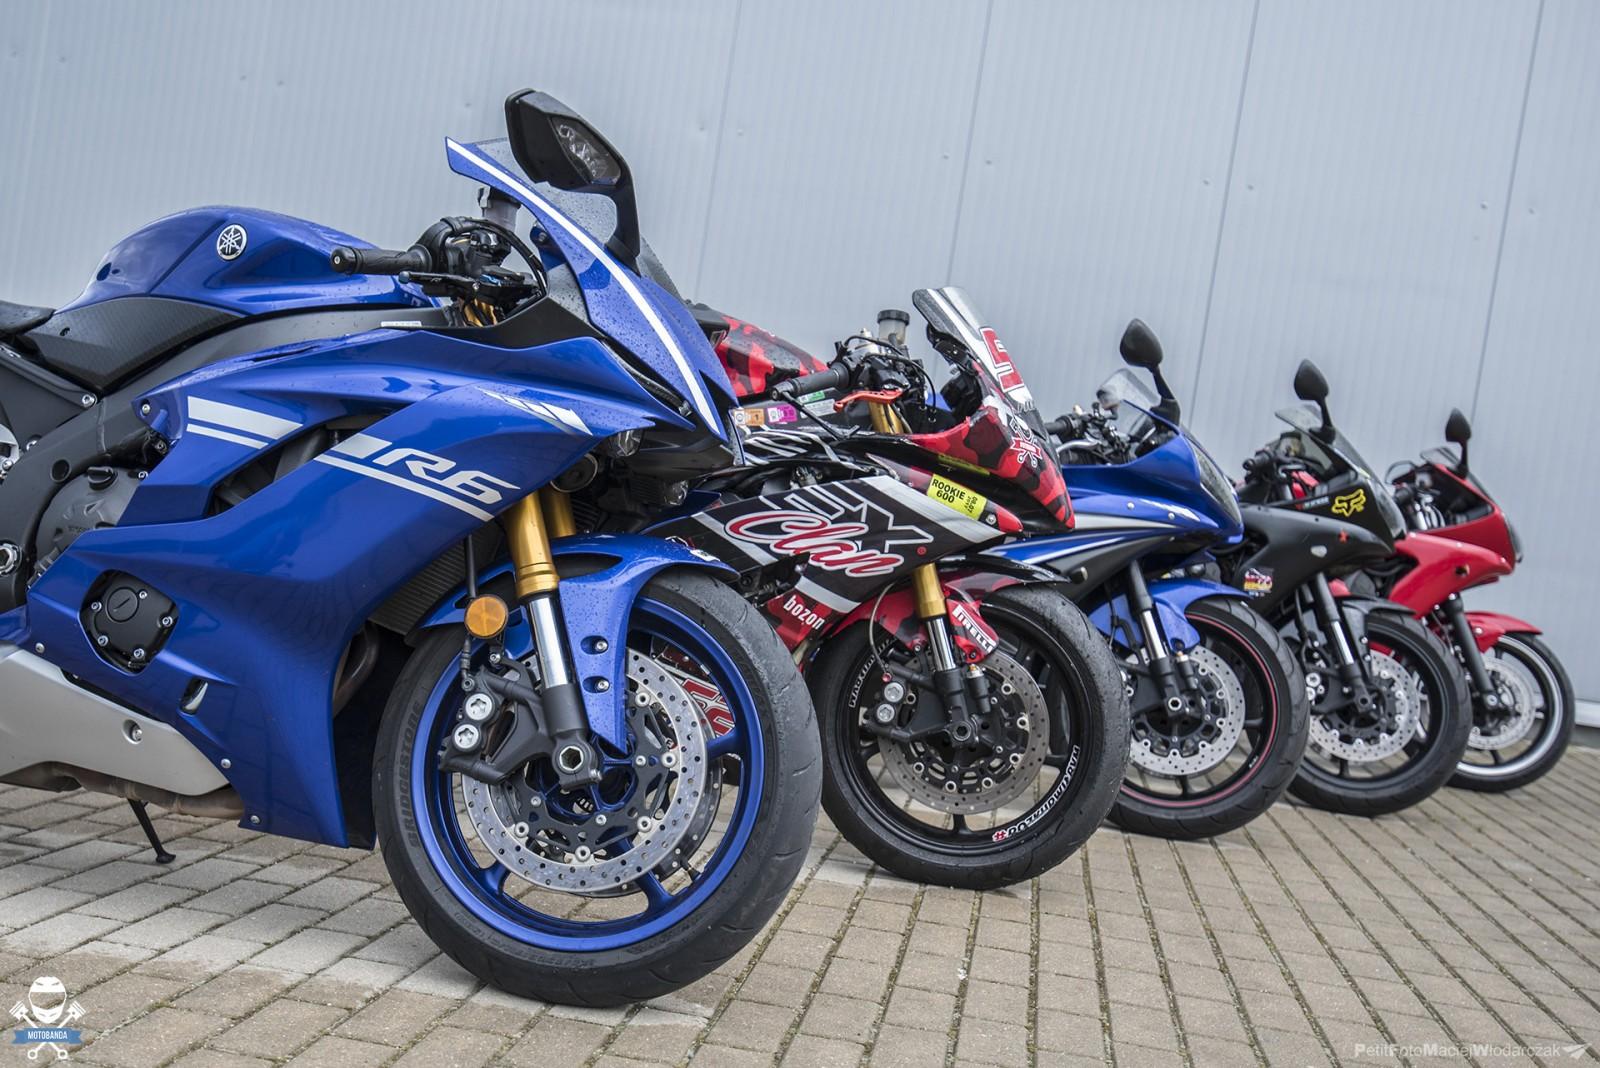 Hjc Fg 17 >> Honda CBR 600RR (2005 - 2006) vs Yamaha YZF-R6 600 (2017 - 2019)